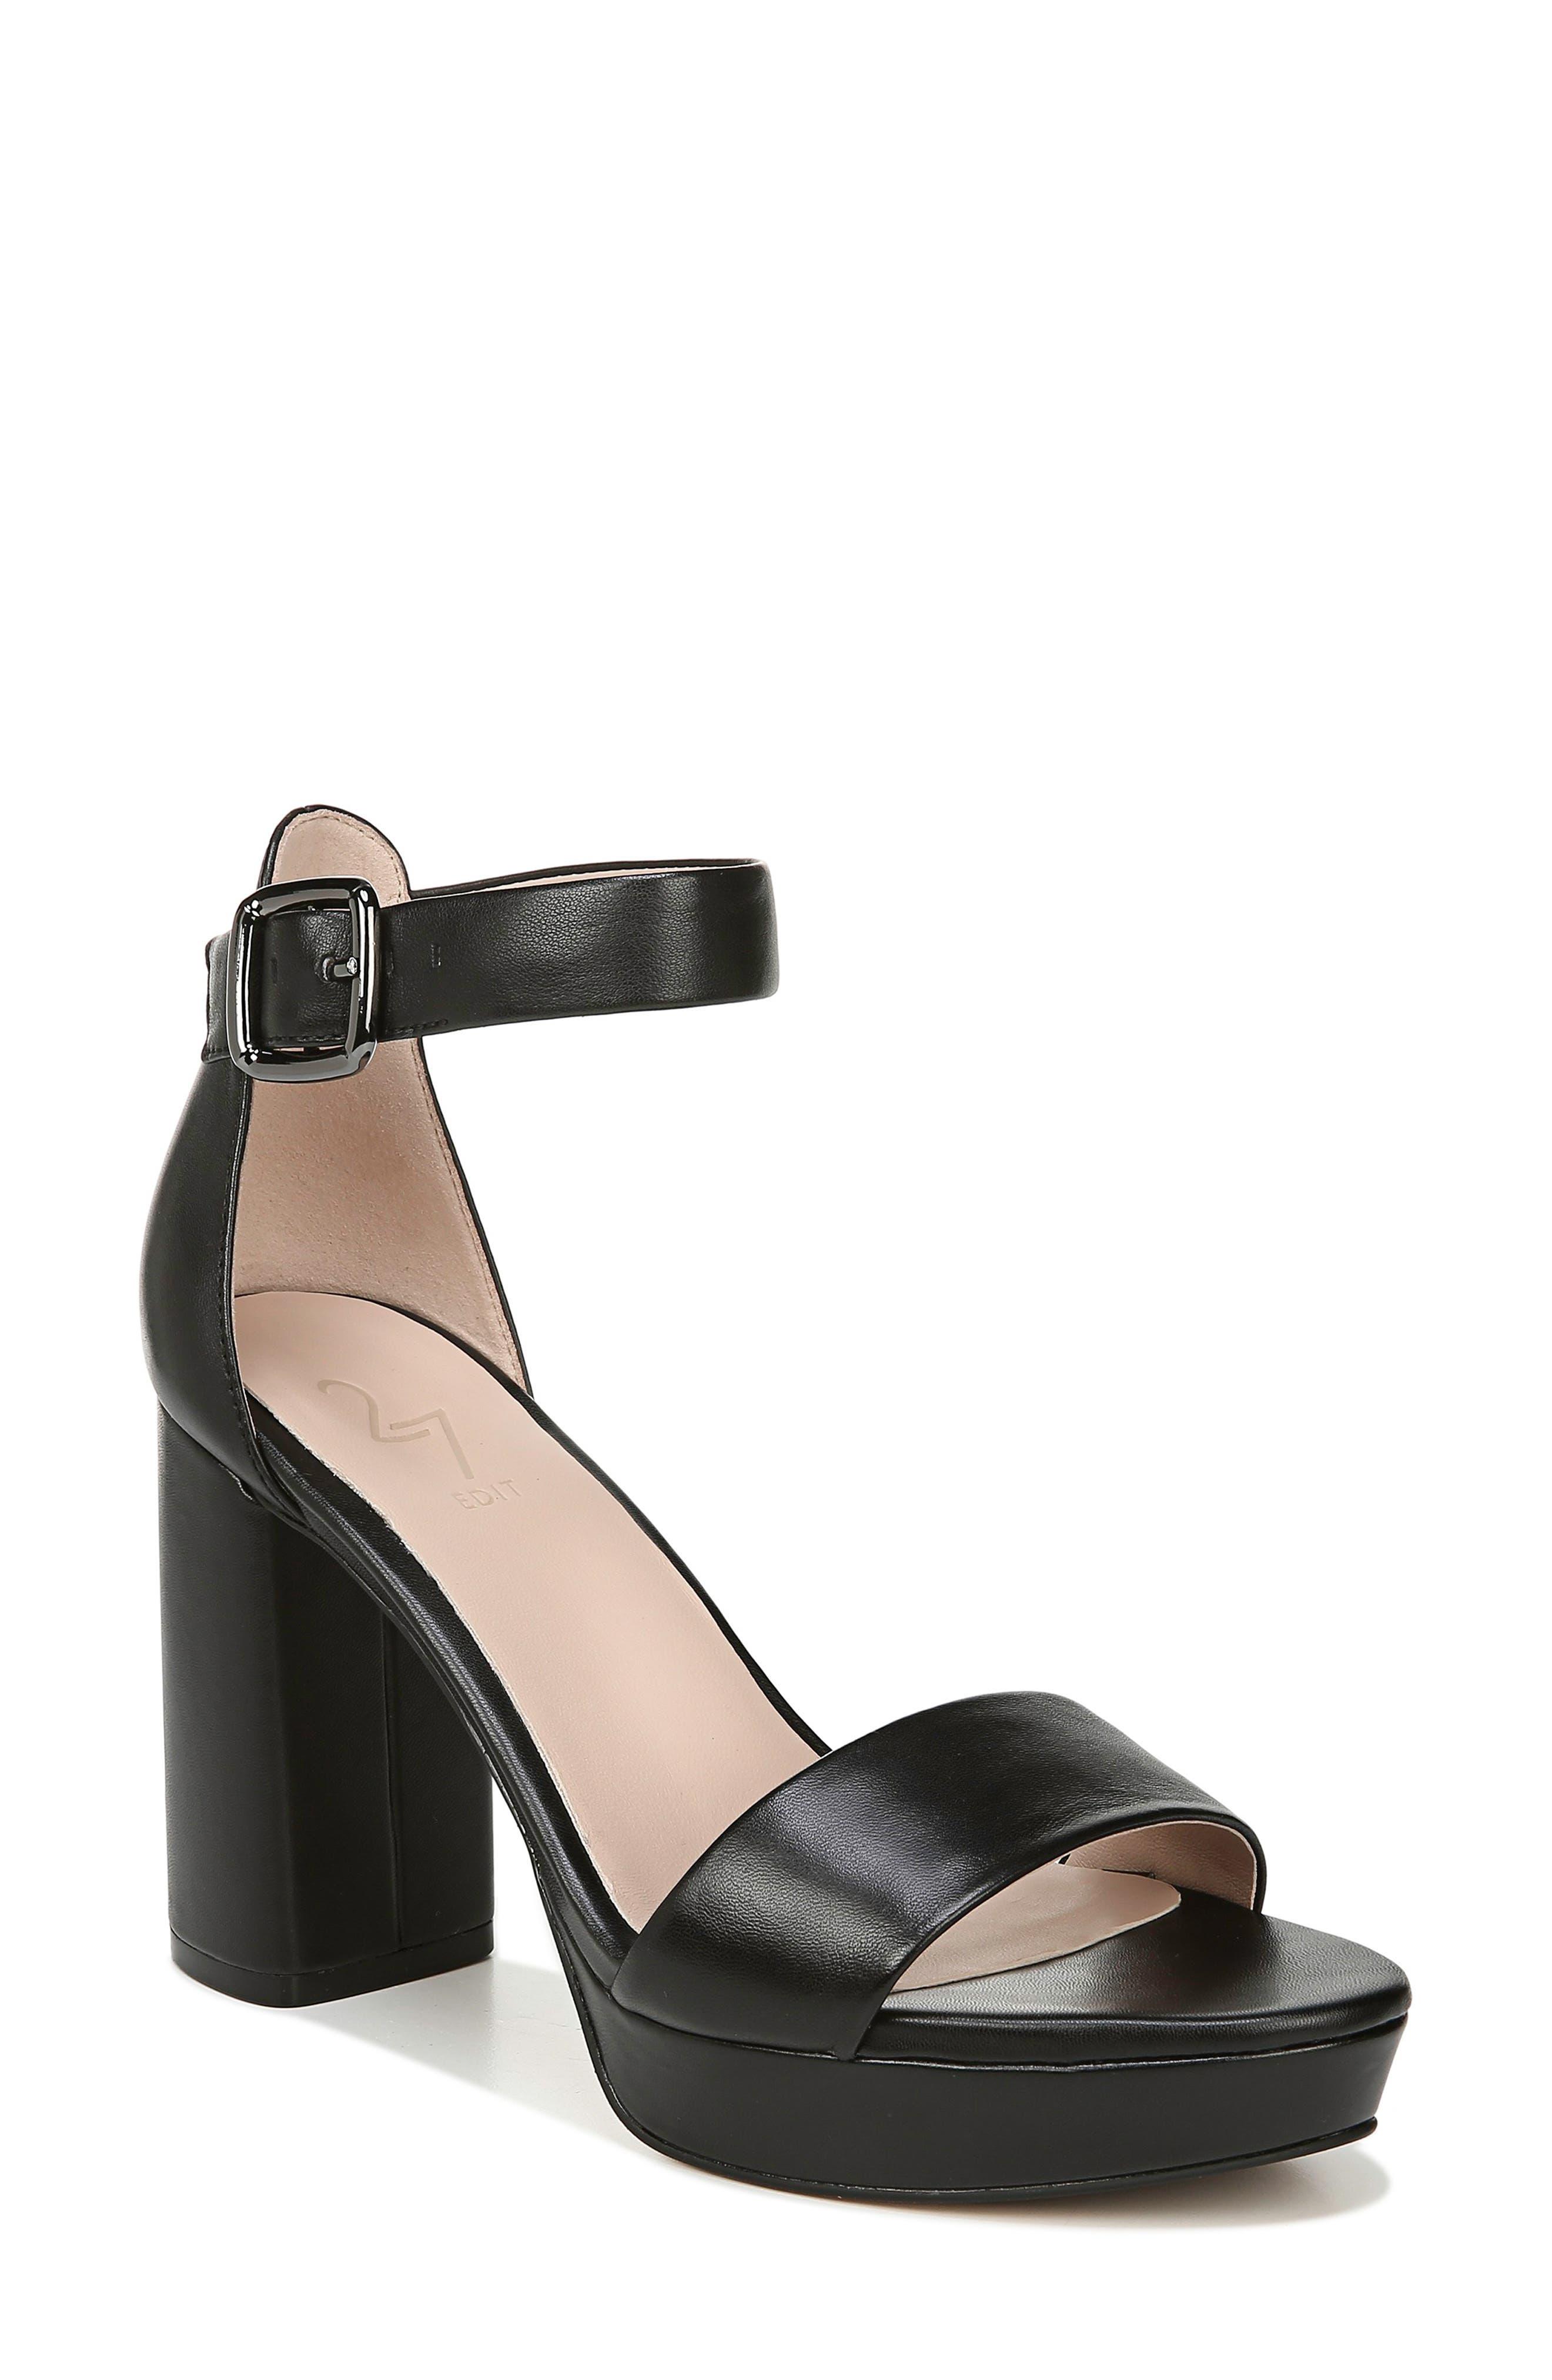 70s Clothes | Hippie Clothes & Outfits Womens 27 Edit Briar Platform Sandal Size 10 W - Black $49.99 AT vintagedancer.com